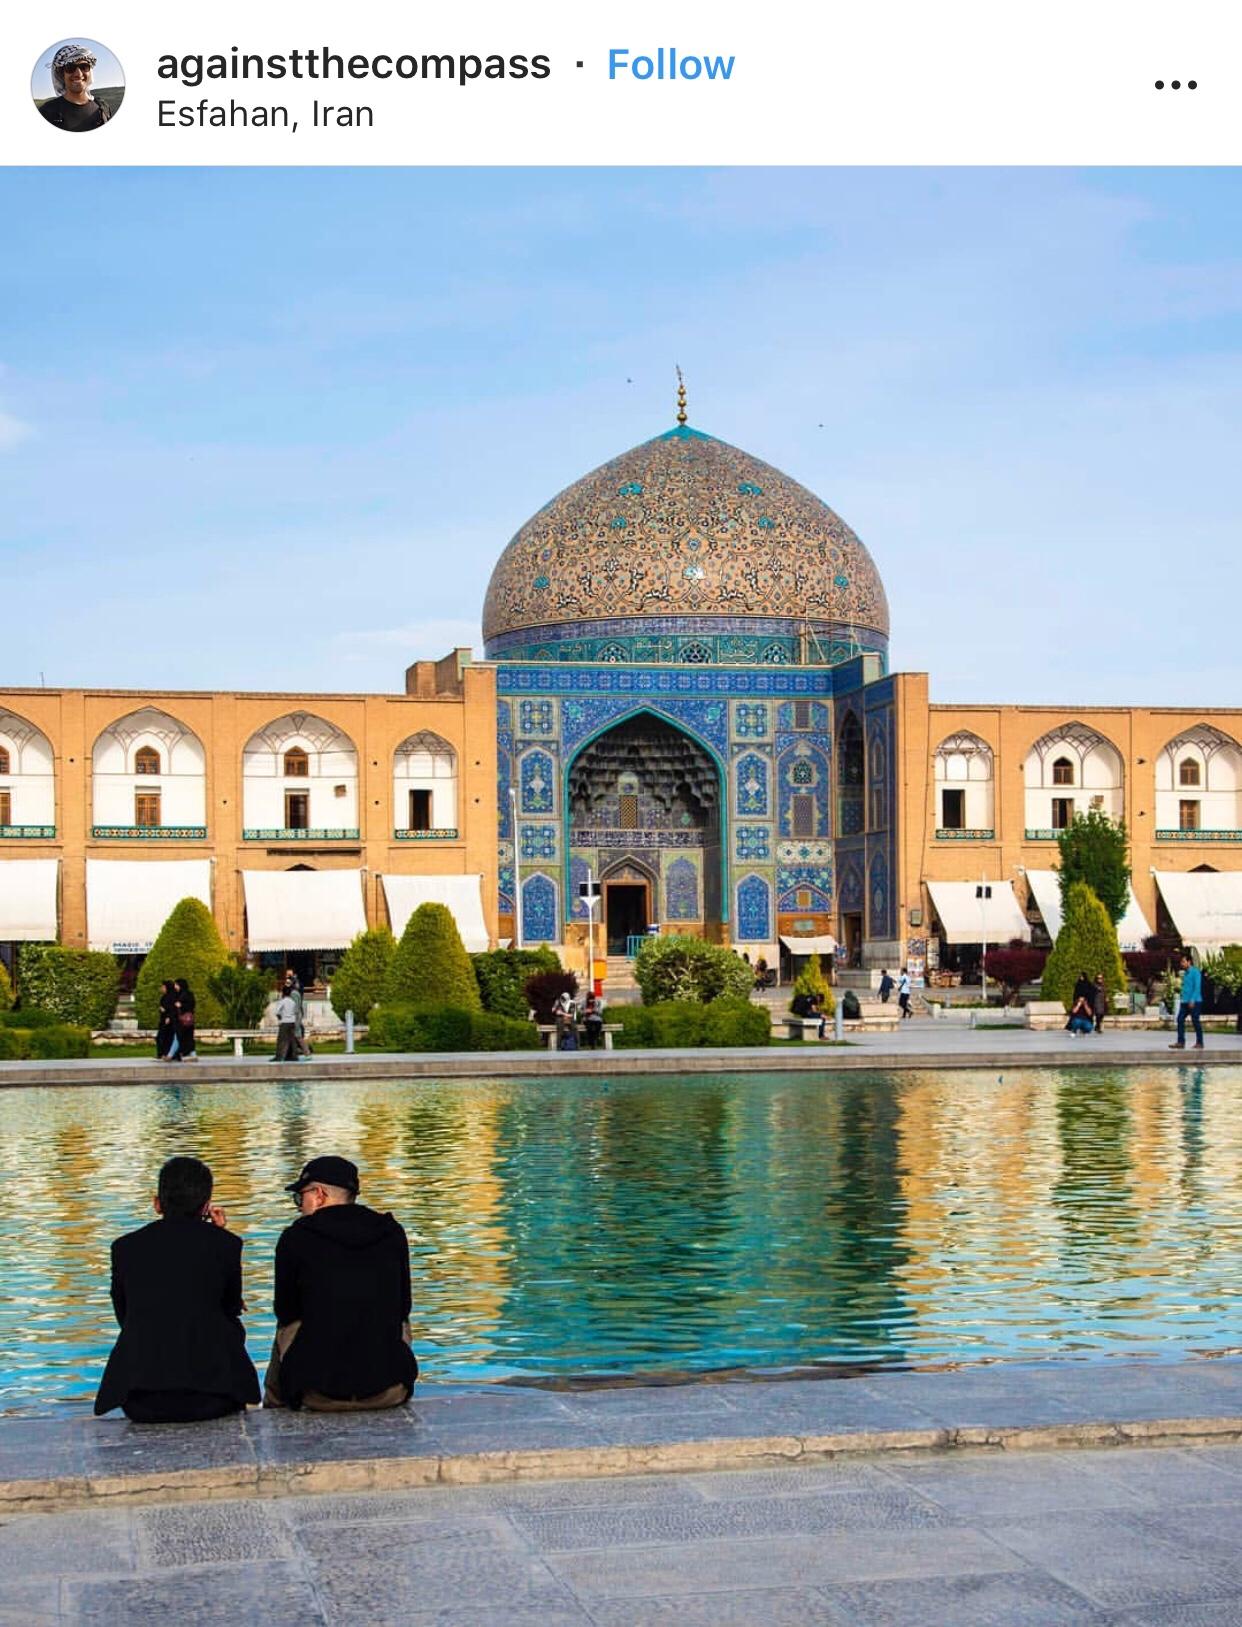 عدسة إيرانية: مسجد لطف الله وسط أصفهان 1